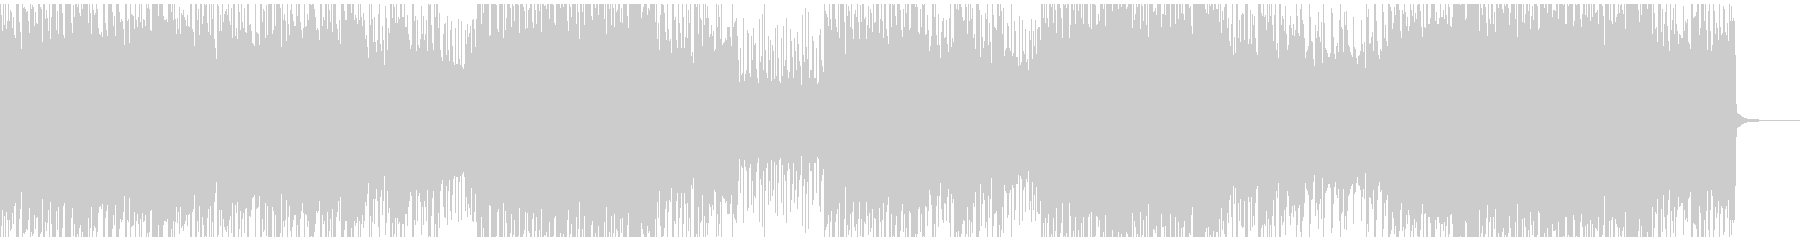 爽やかなロック/エレキギター/ピアノの未再生の波形